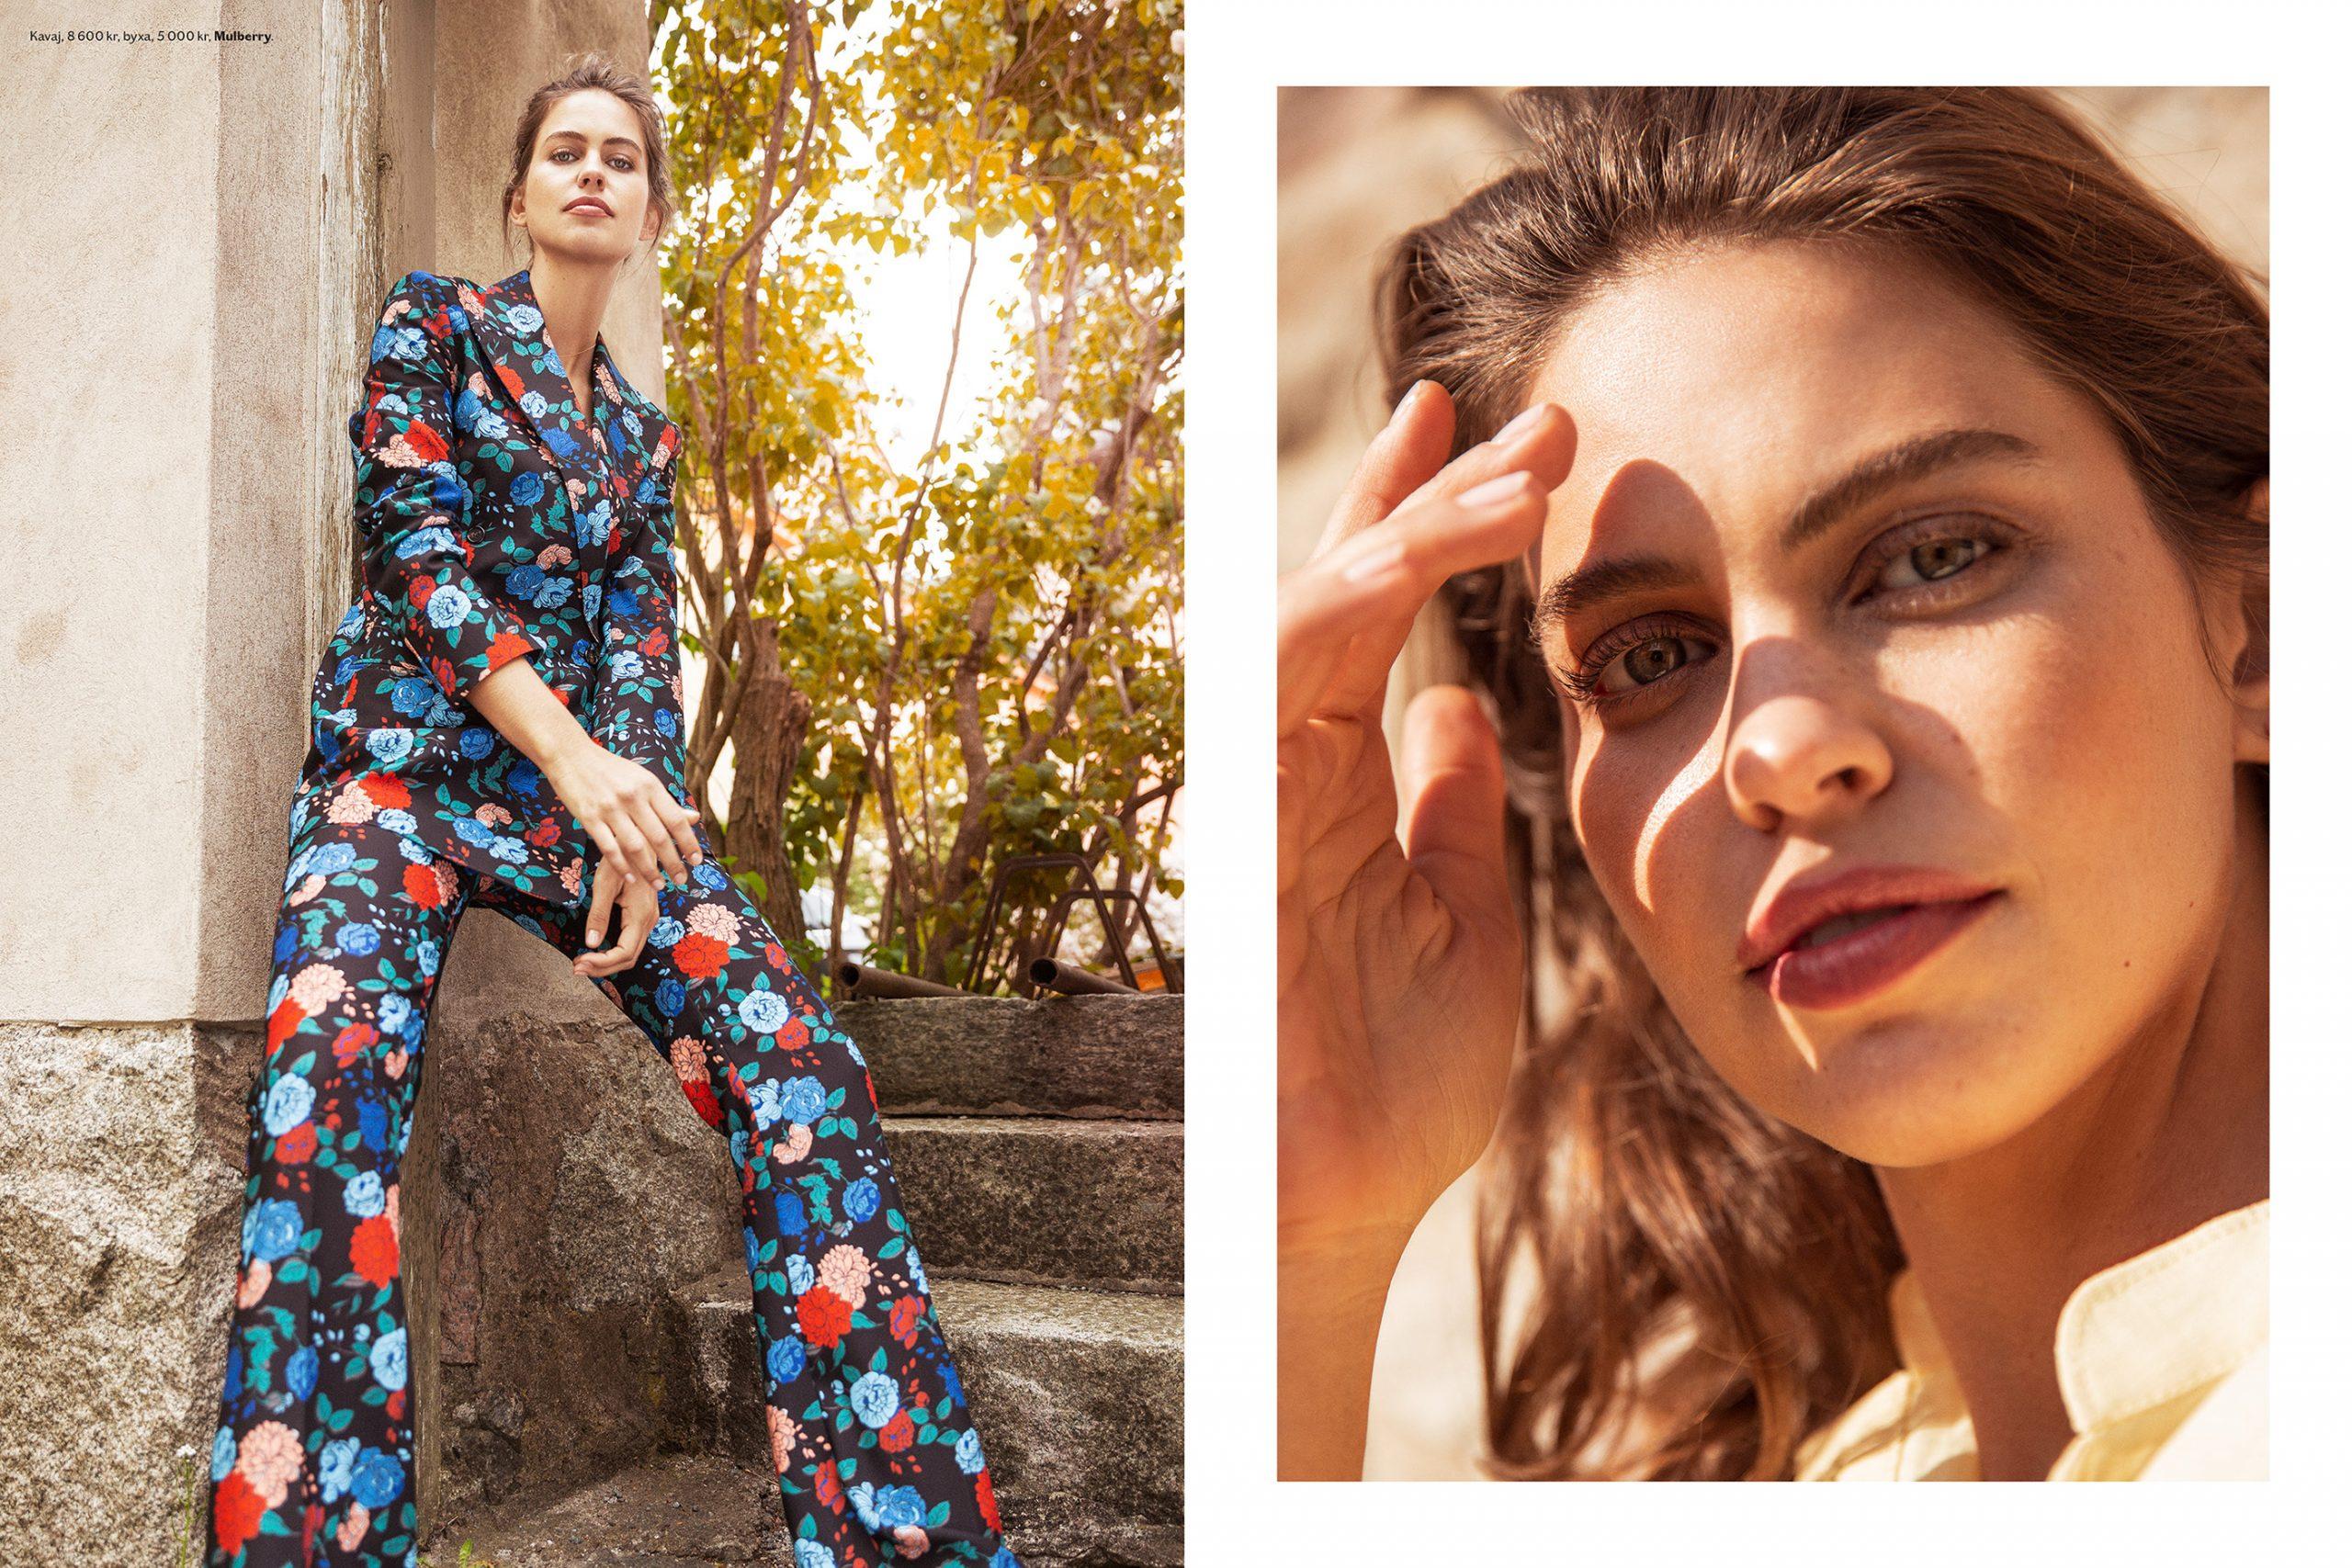 plaza_magazine_linnea_hellbom_LAUREN_AUERBACH_hairstylist_makeup2